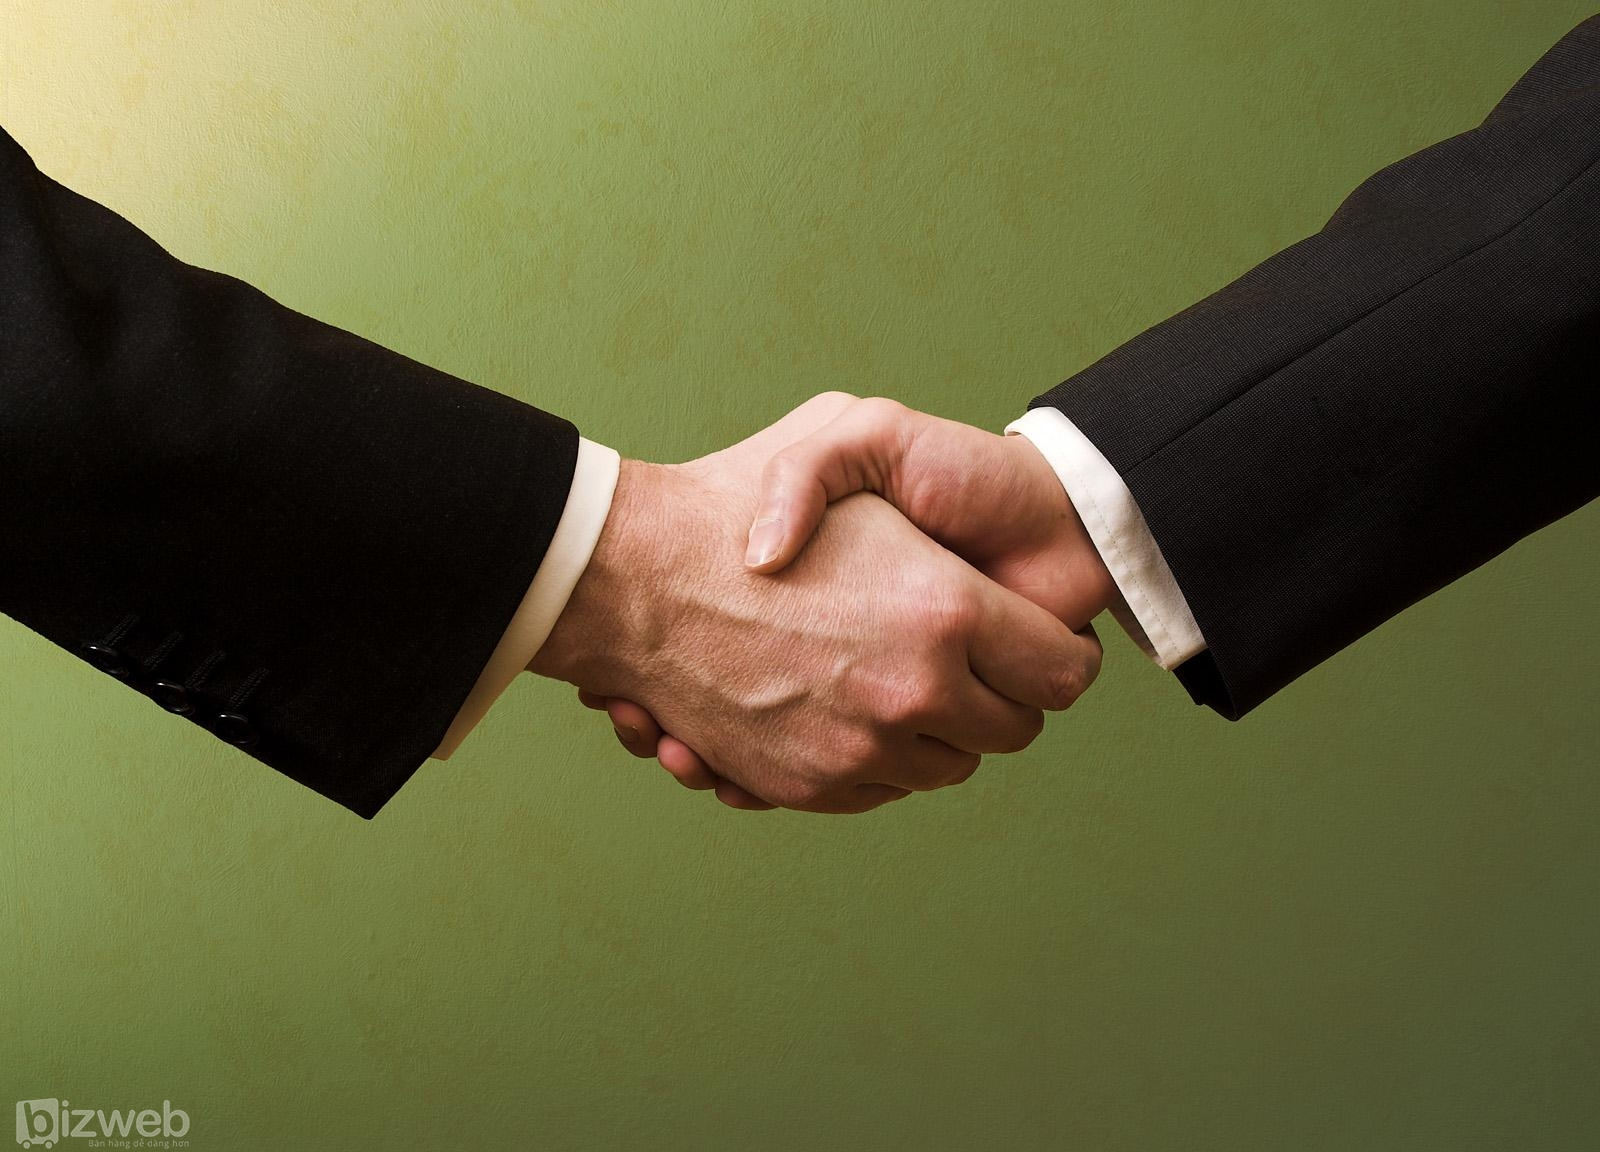 Quản trị nhân lực, yếu tố cốt yếu trong bán lẻ hiện đại